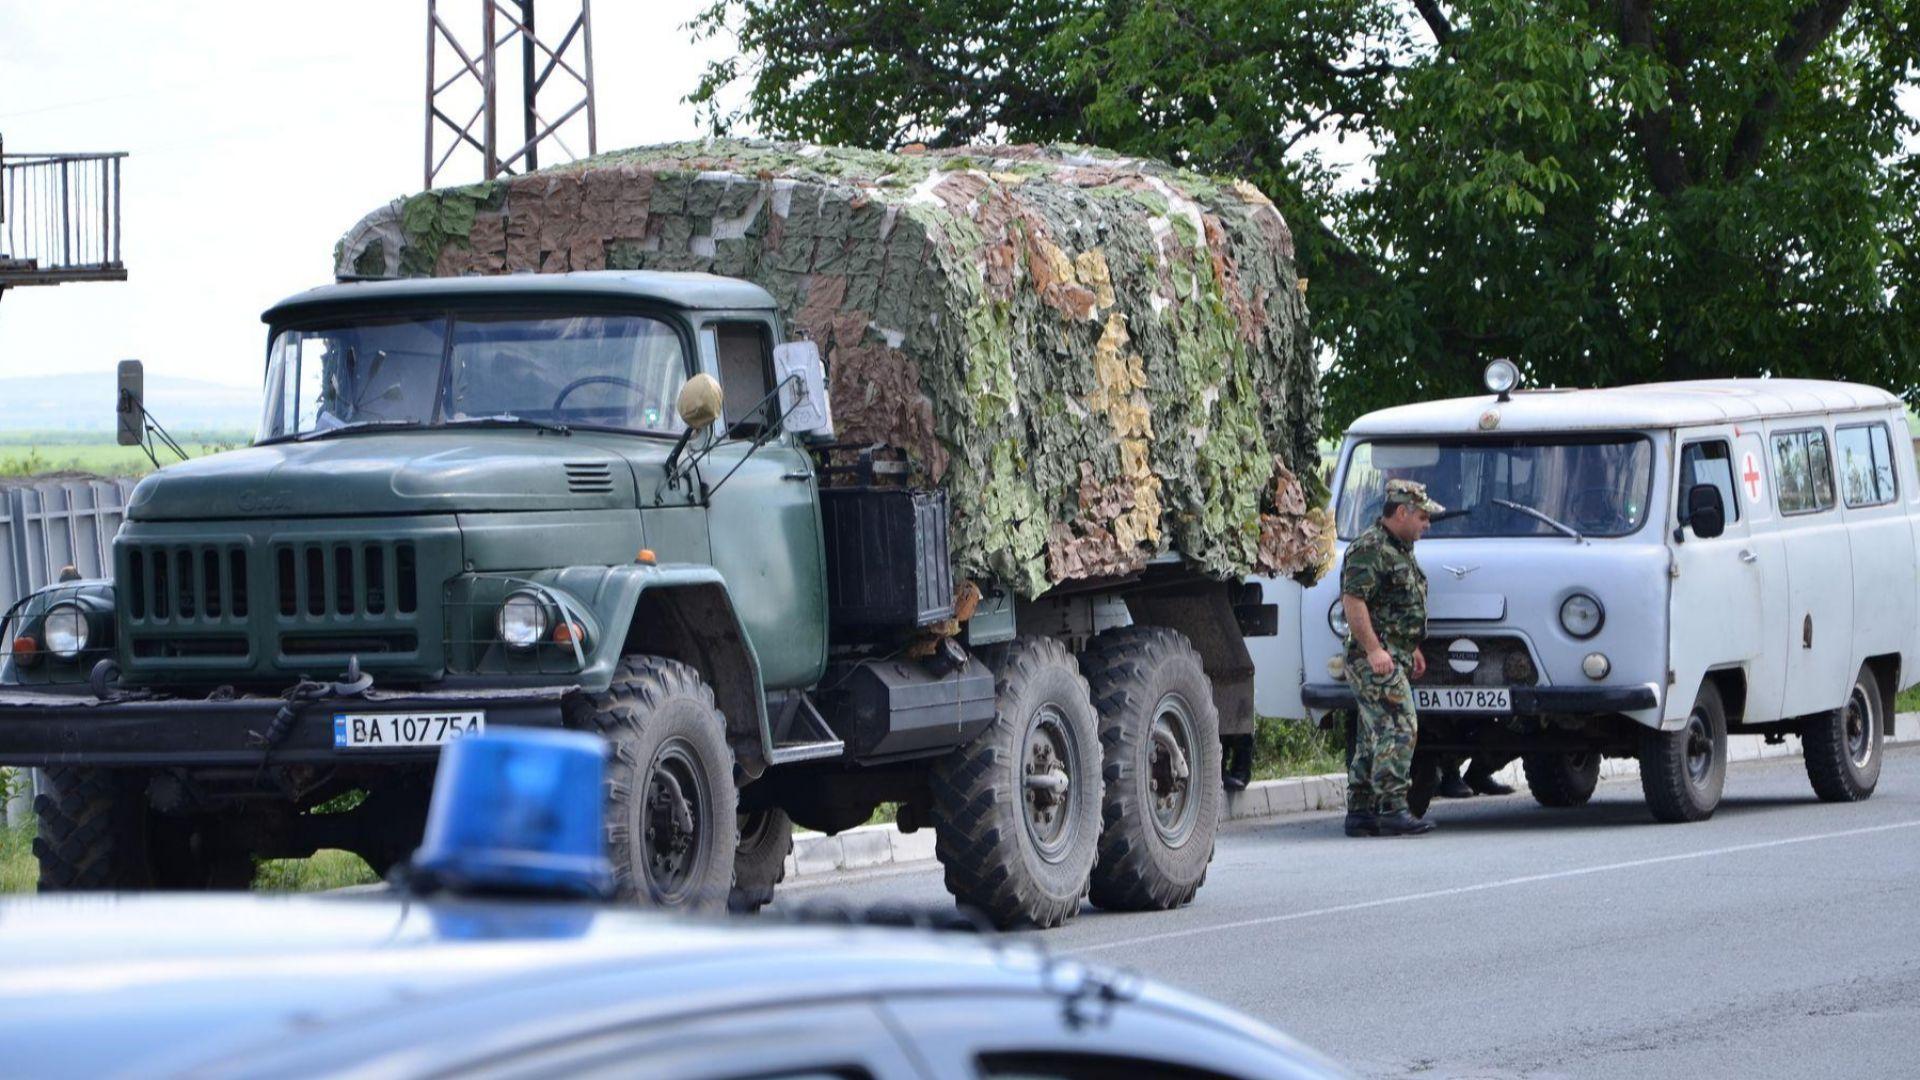 Екип на МО ще обезврежда мината на пътя Русе - Силистра